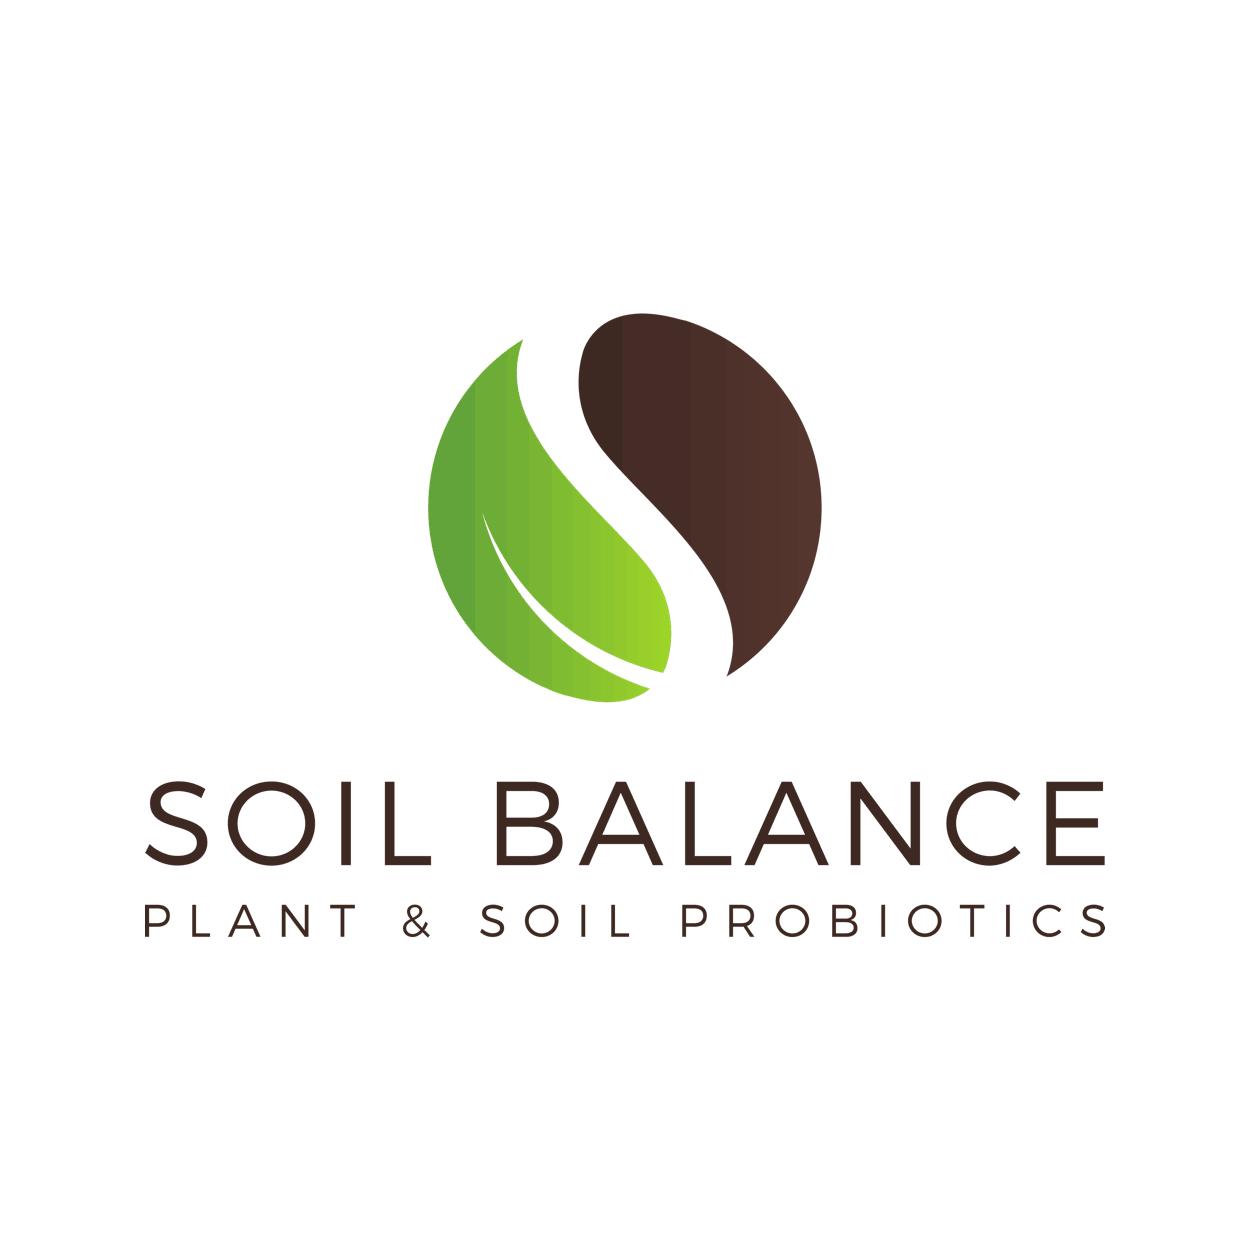 Soil-Balance-Pro-Coupon-Code-Save-On-Cannabis-Marijuana-Growing